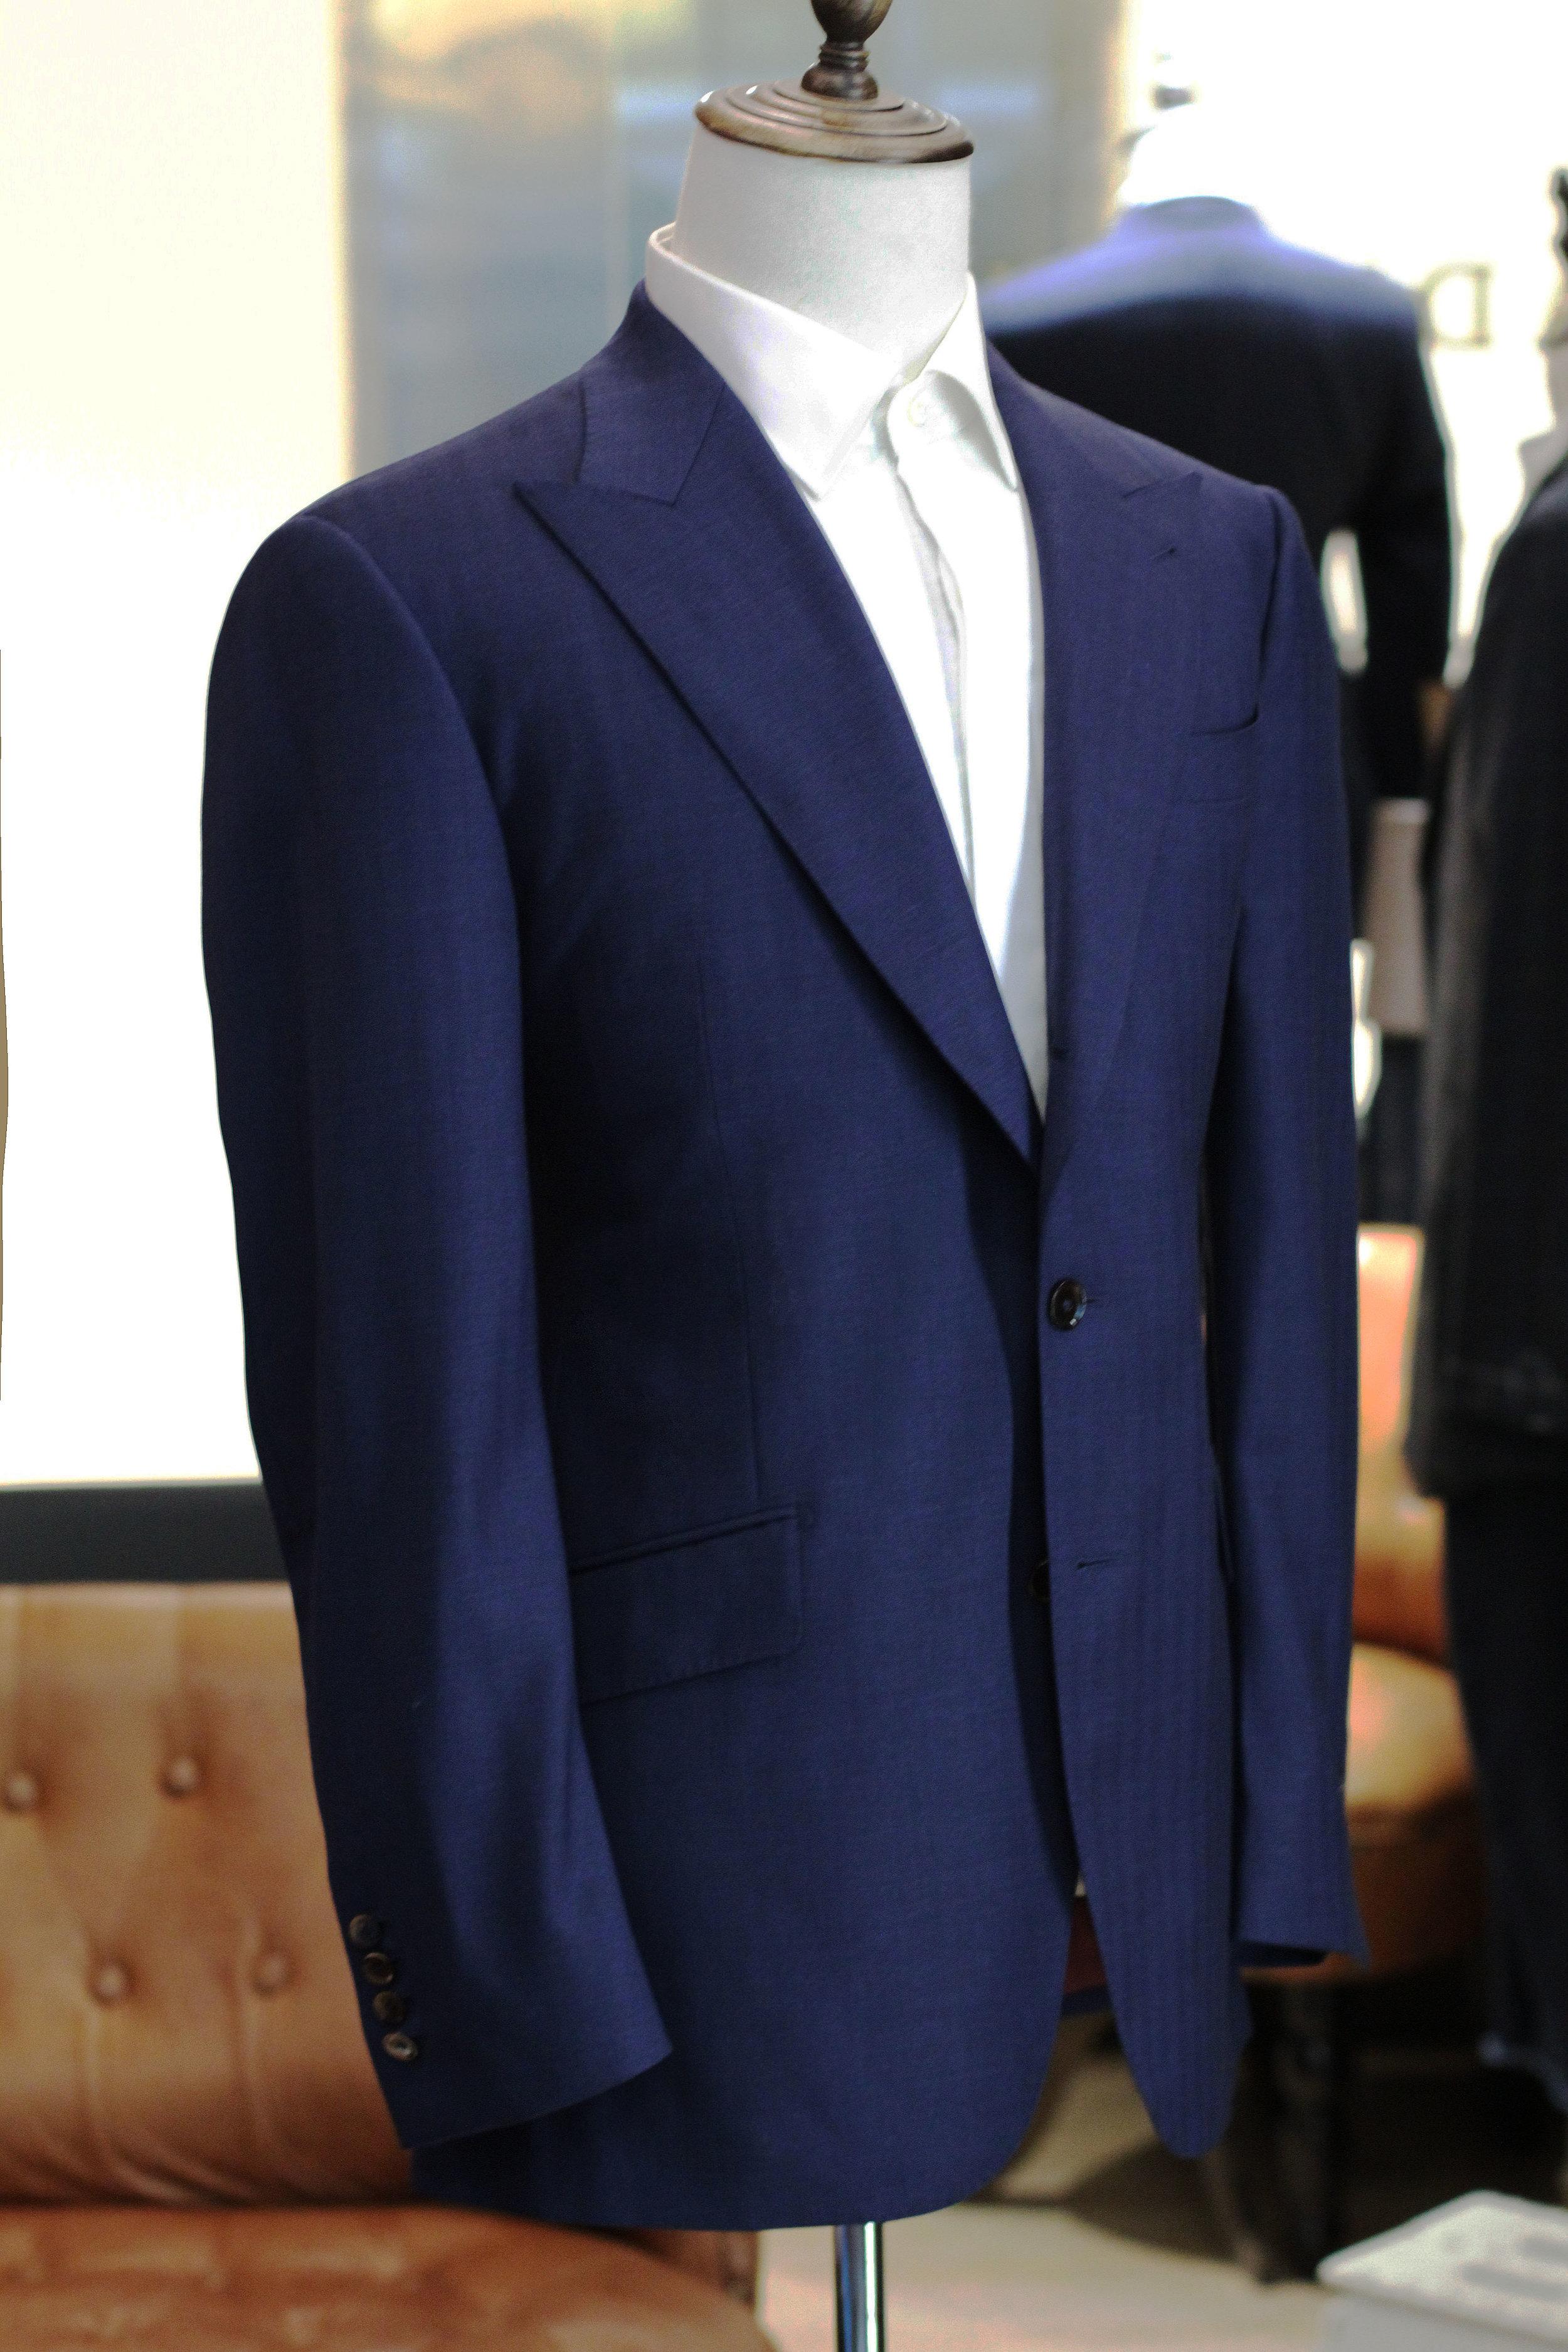 Made Suits Mr Berg Peak Lapel Suit Herringbone Navy Blue Made to Measure Suit Bespoke.JPG